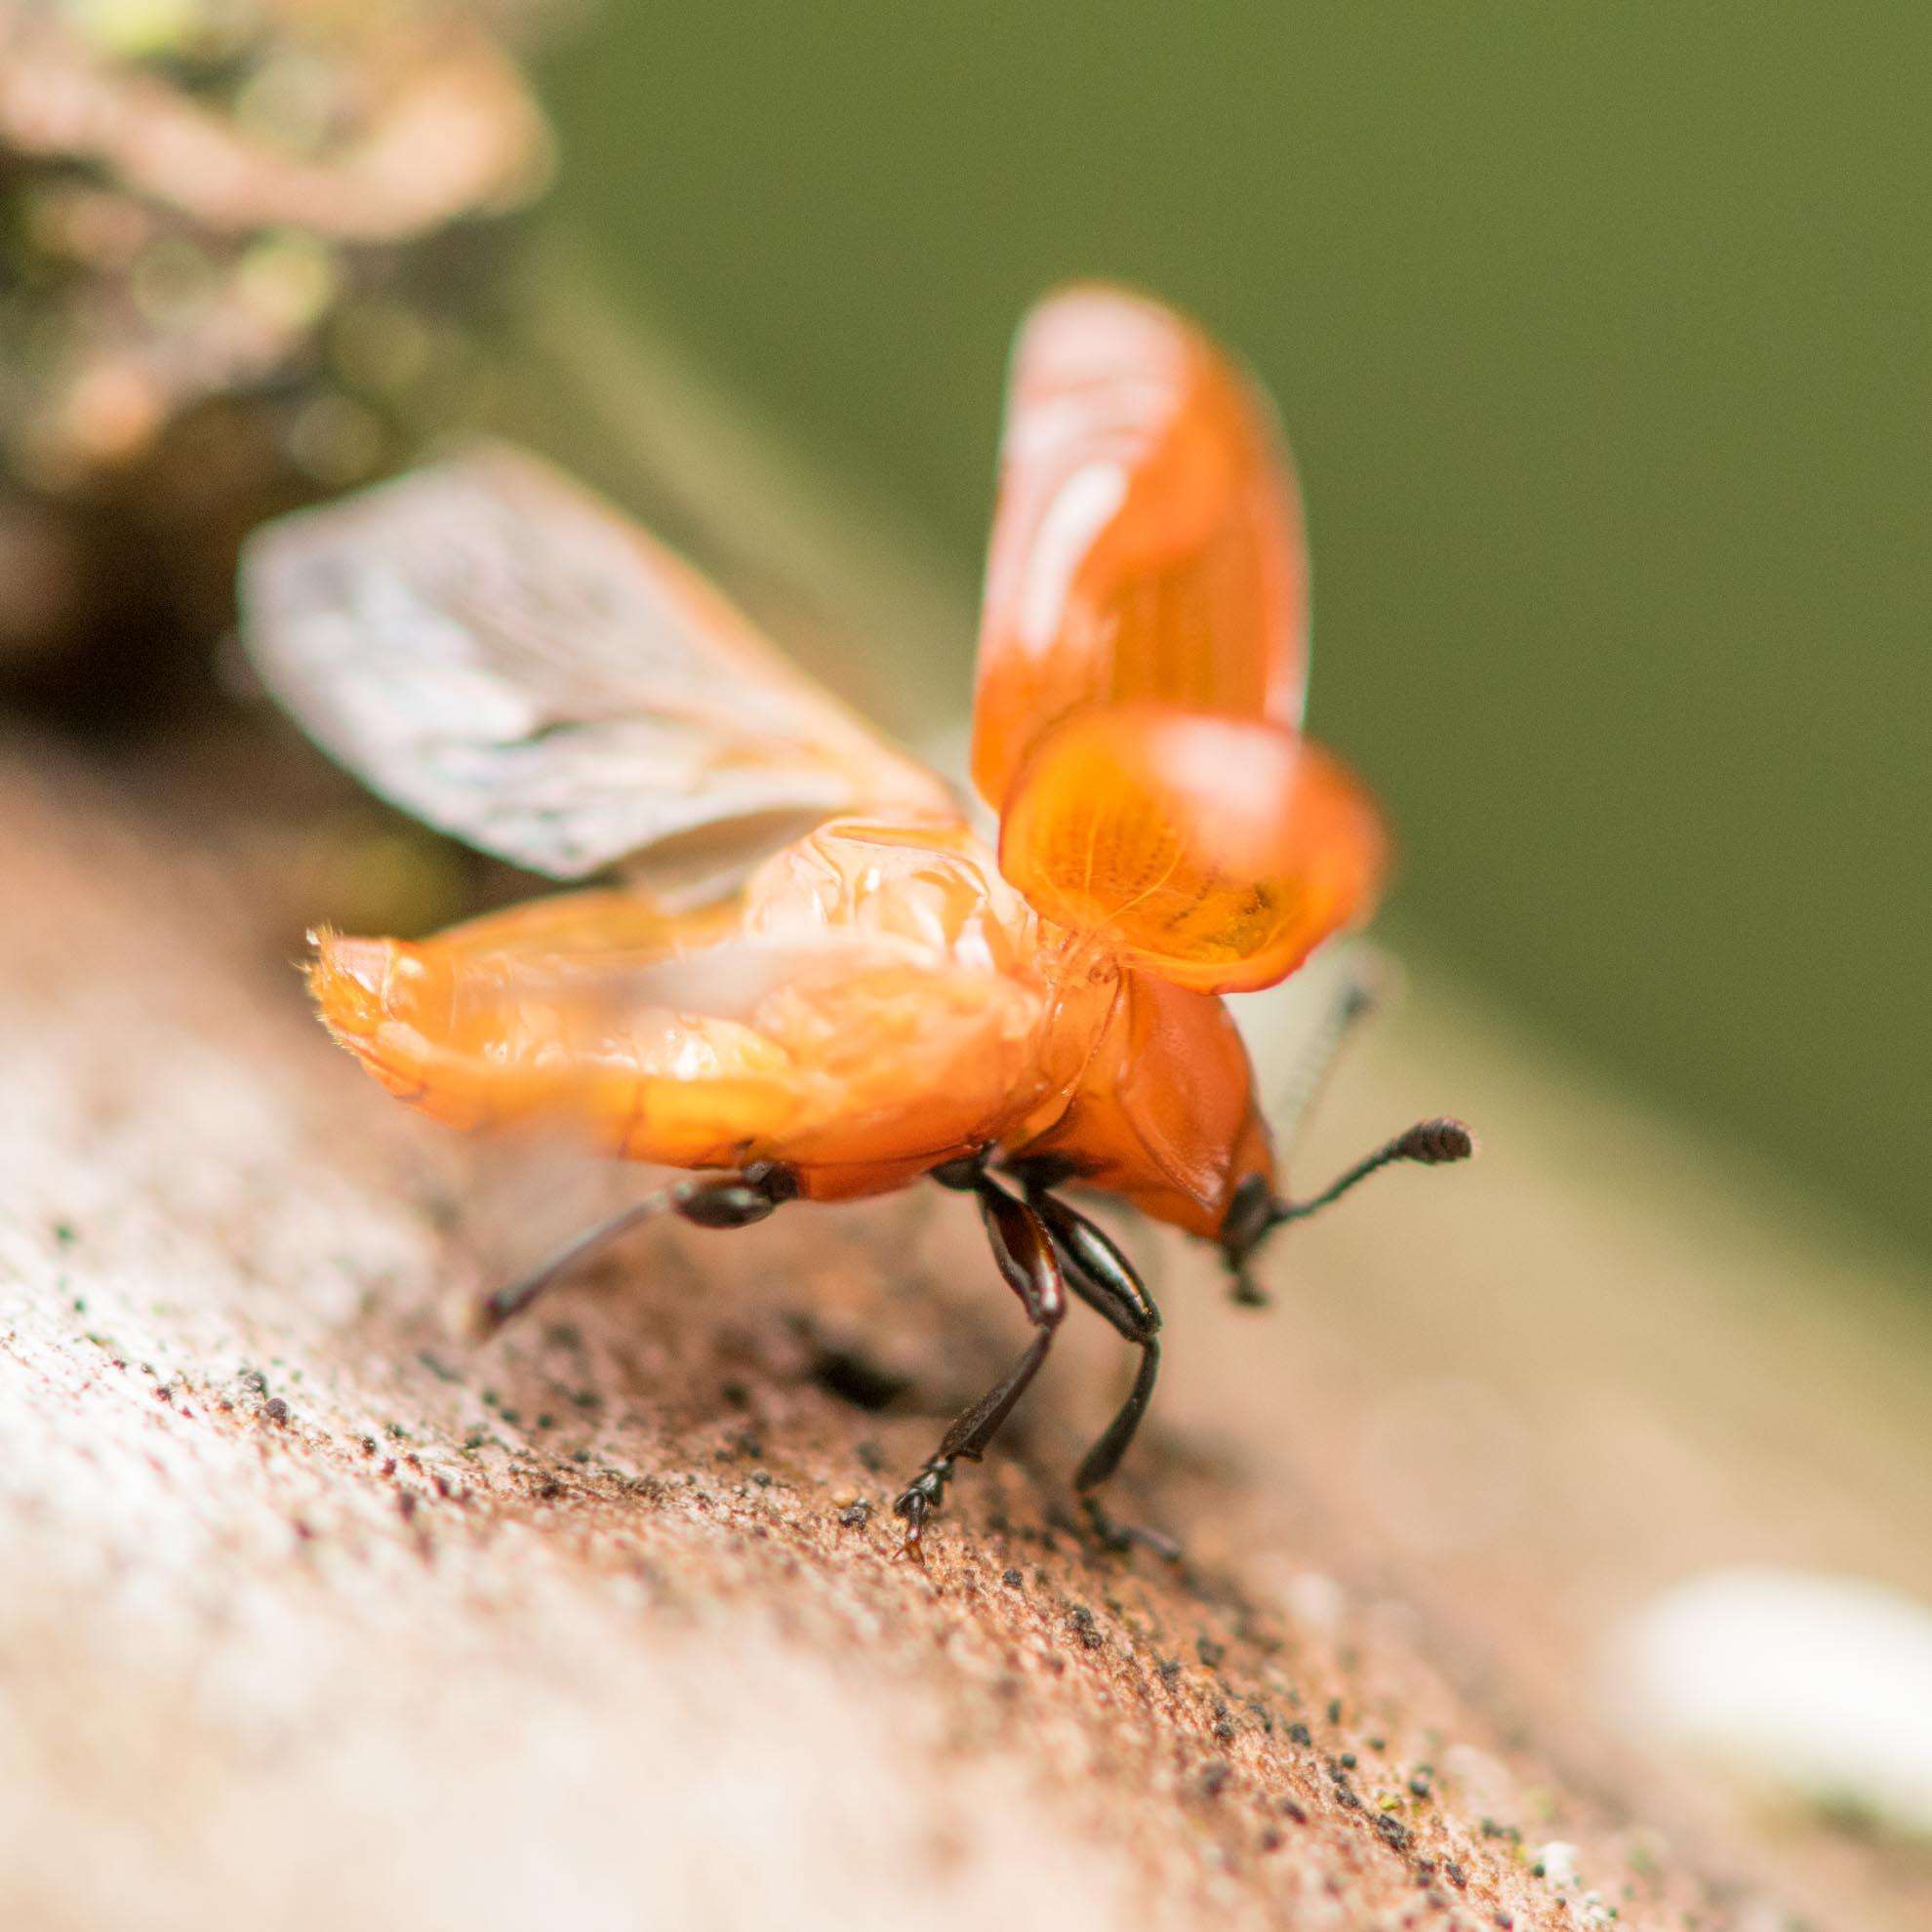 ウリハムシの飛行する瞬間